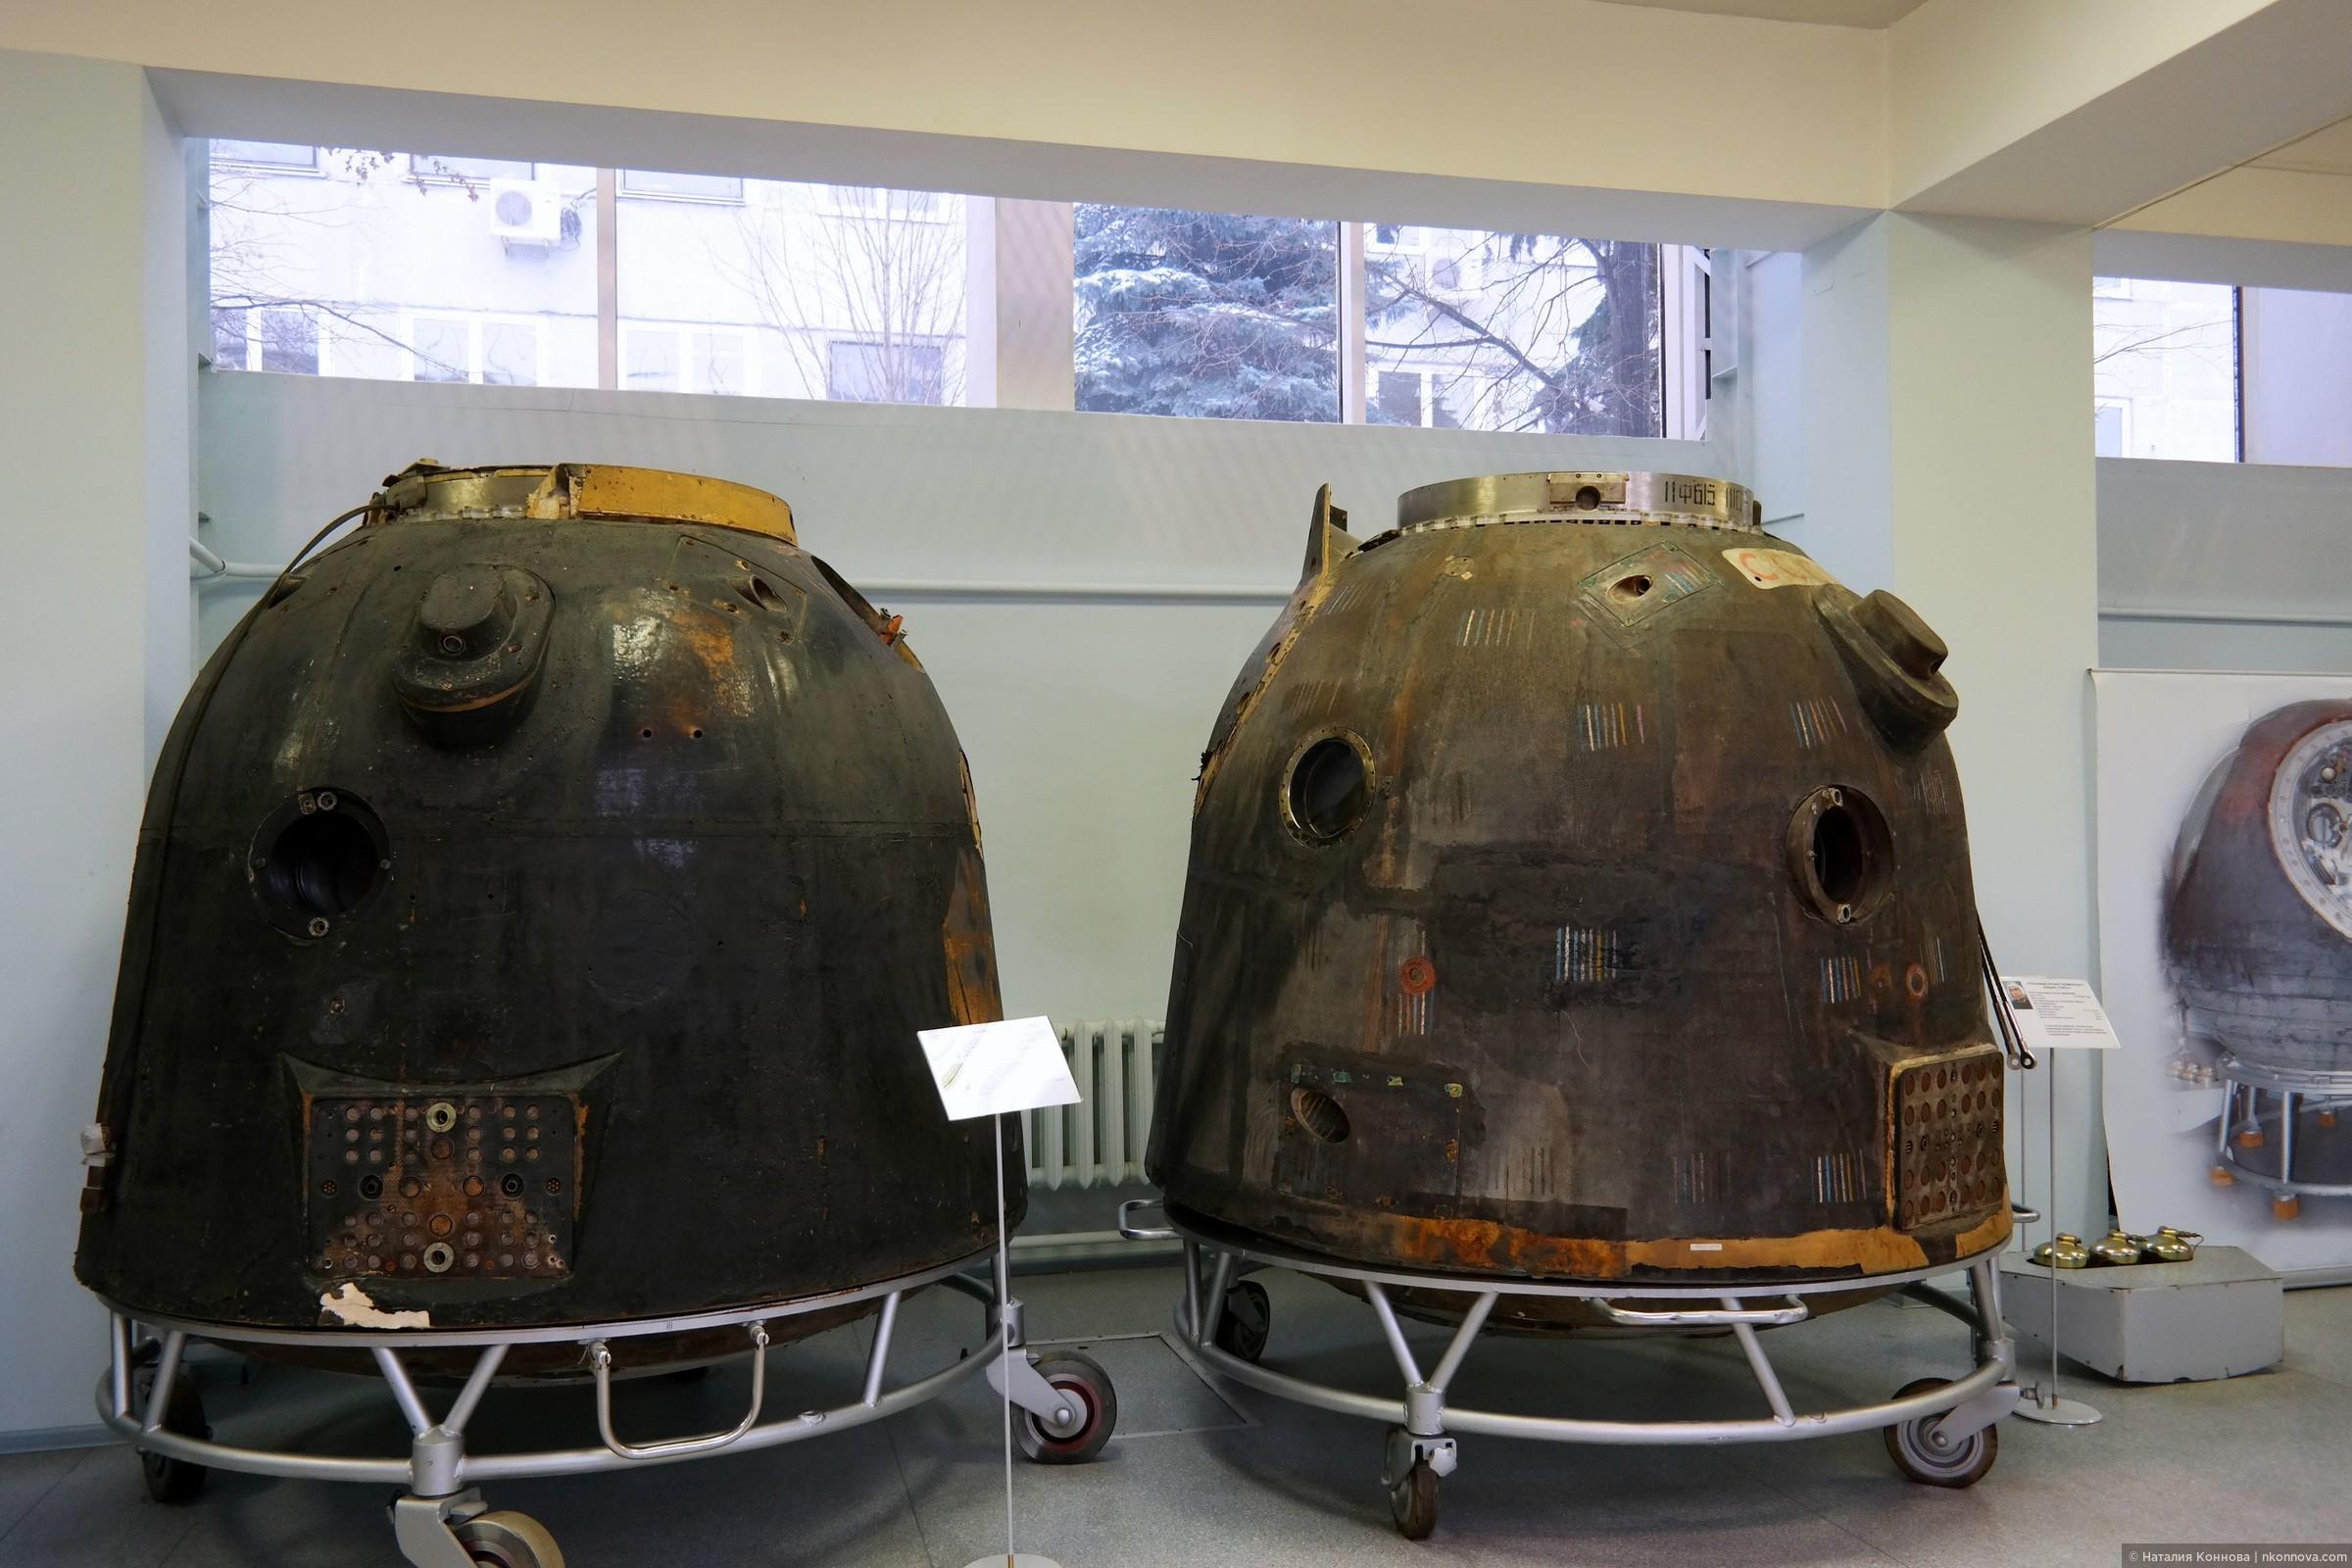 Современные спускаемые модули (как видите, форма изменилась)., Музей РКК «Энергия» им. Королева